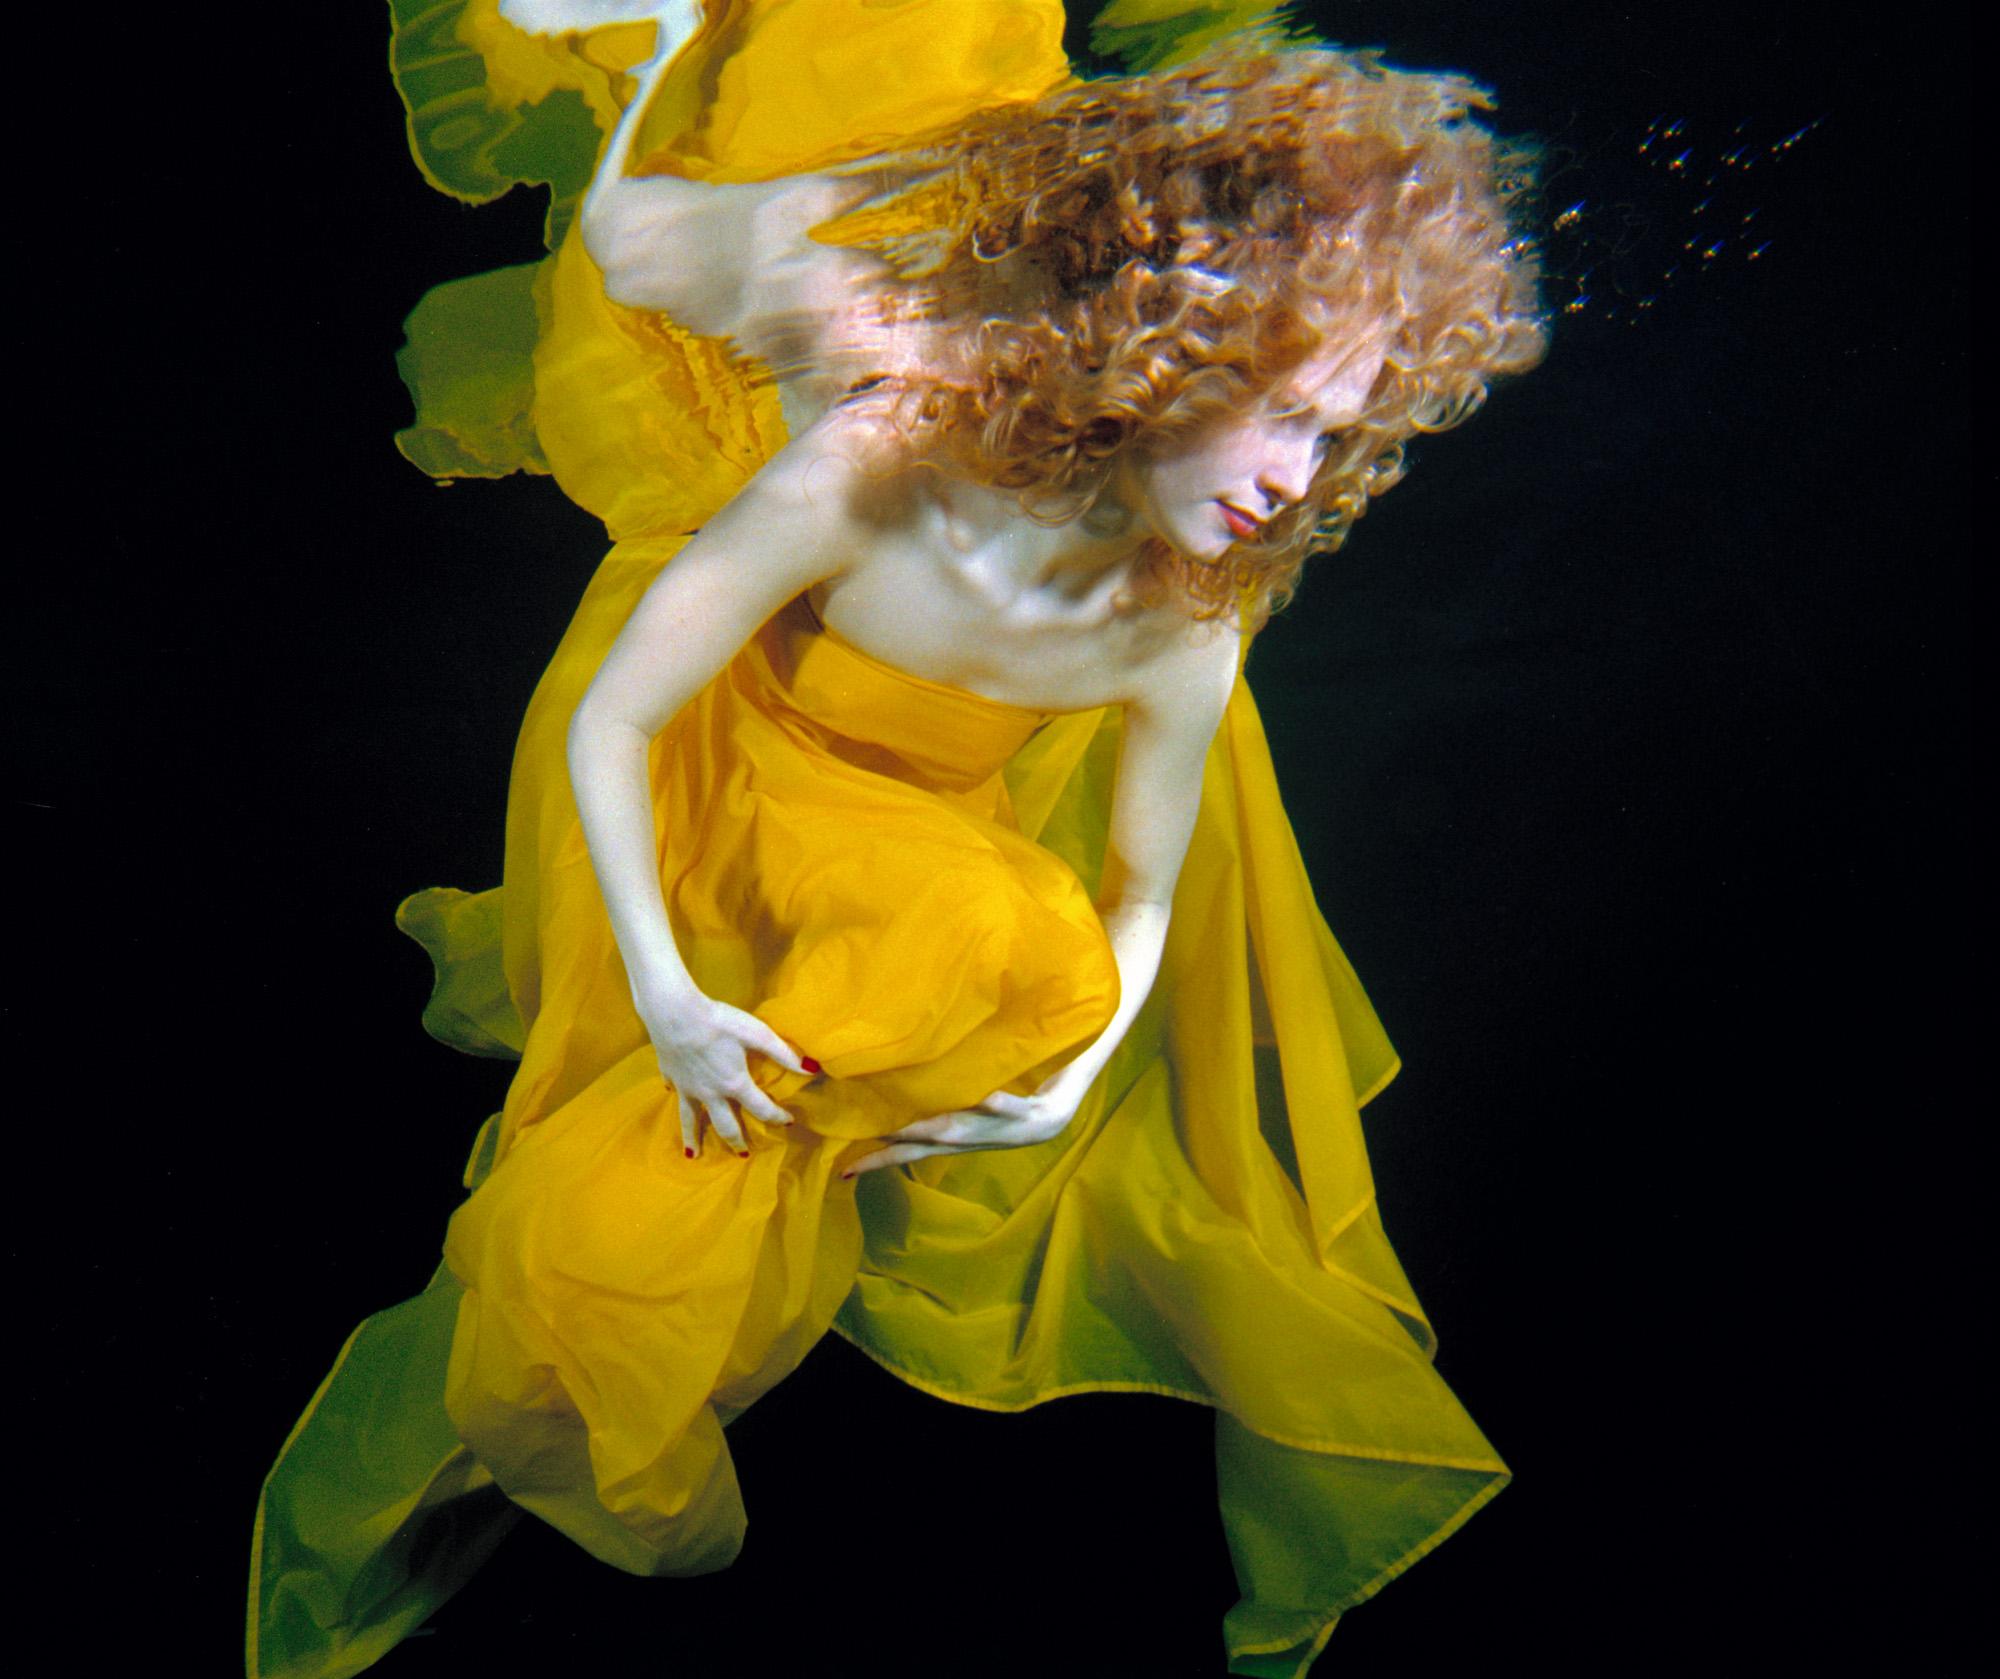 large format photography, Grossformatfotografie, Grossformatphotographie, Fotografie, Photographie, photography, 6x17, unter Wasser, Unterwasser, Akt, Halbakt, Seide, Tücher, schwebend, schwerelos, Model, Haut, skin, Spiegelung, reflection,